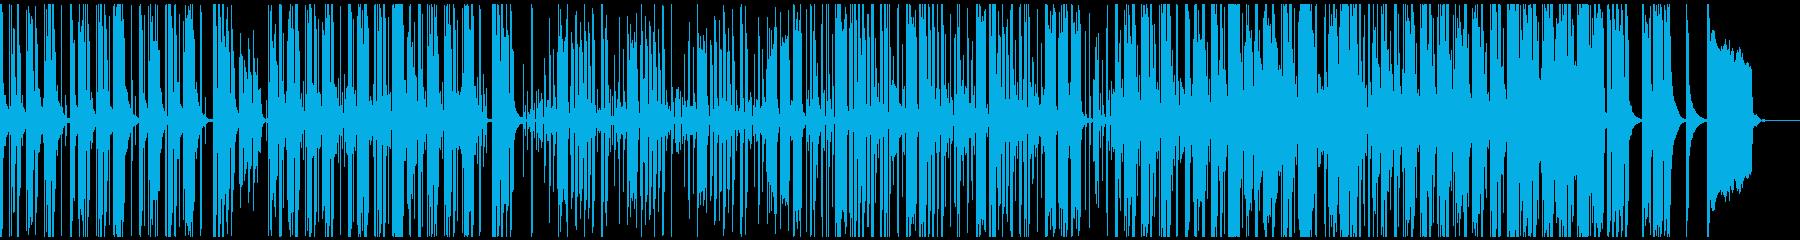 春らしい軽快なトイトロニカの再生済みの波形